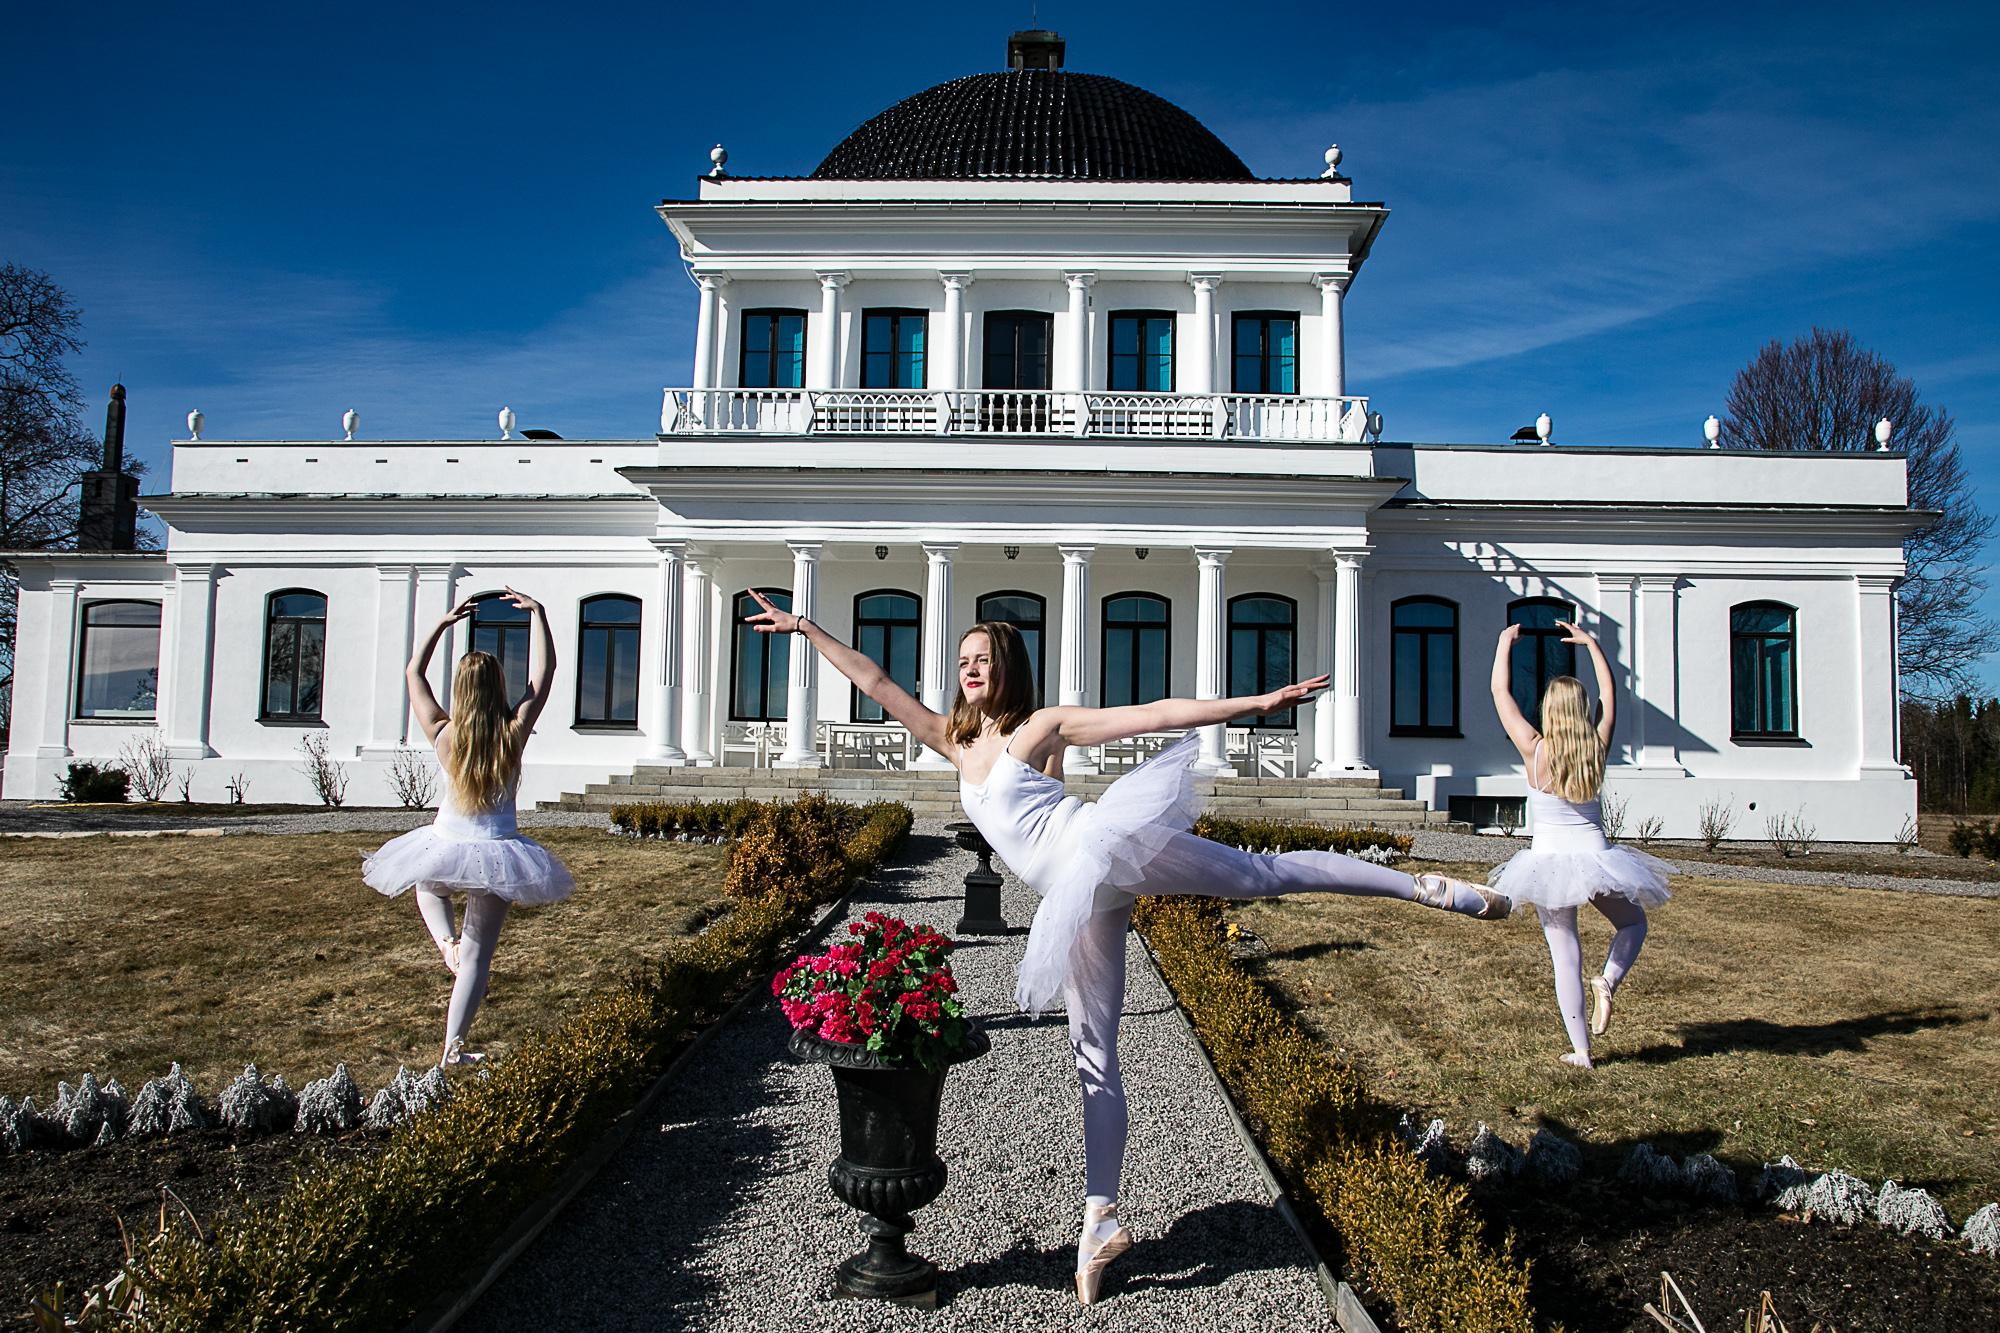 KULTURARENA: Konserter og kultur med klassisk tilsnitt passer godt på Ulefos Hovedgaard.